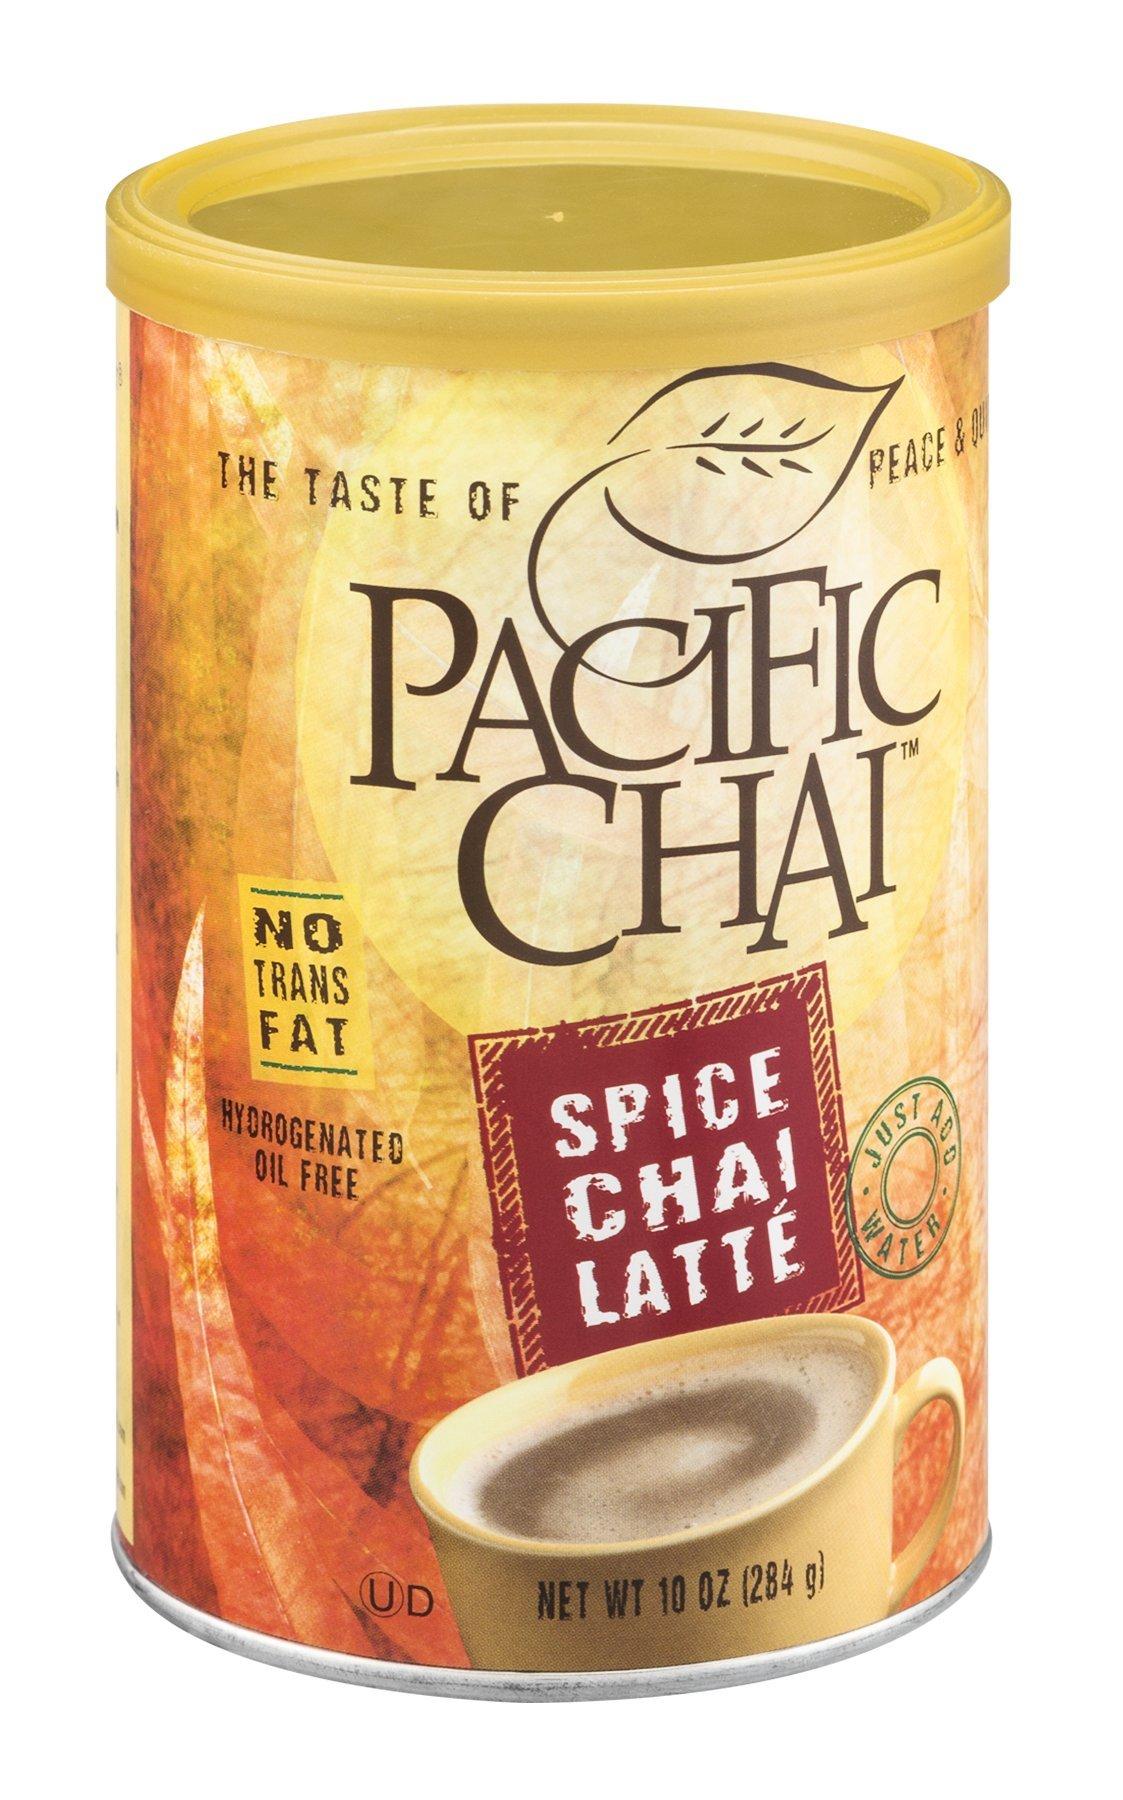 Pacific Chai Mix Chai Latte Spice